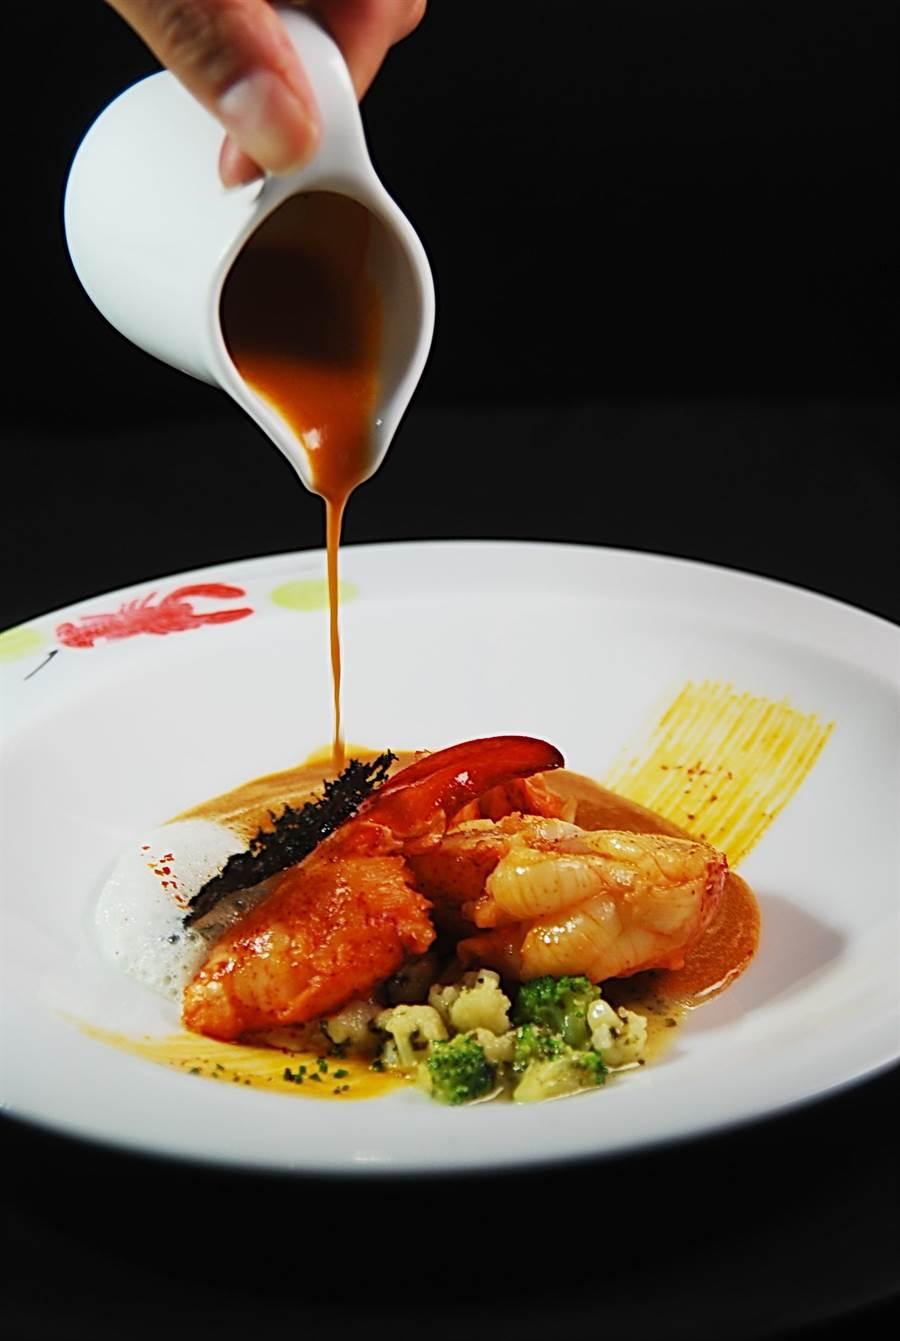 侯布雄廚藝團隊作的〈波士頓龍蝦與羽衣甘藍菜與龍蝦湯〉,濃鮮龍蝦湯可以取代醬汁為龍蝦賦味。(圖/姚舜攝)